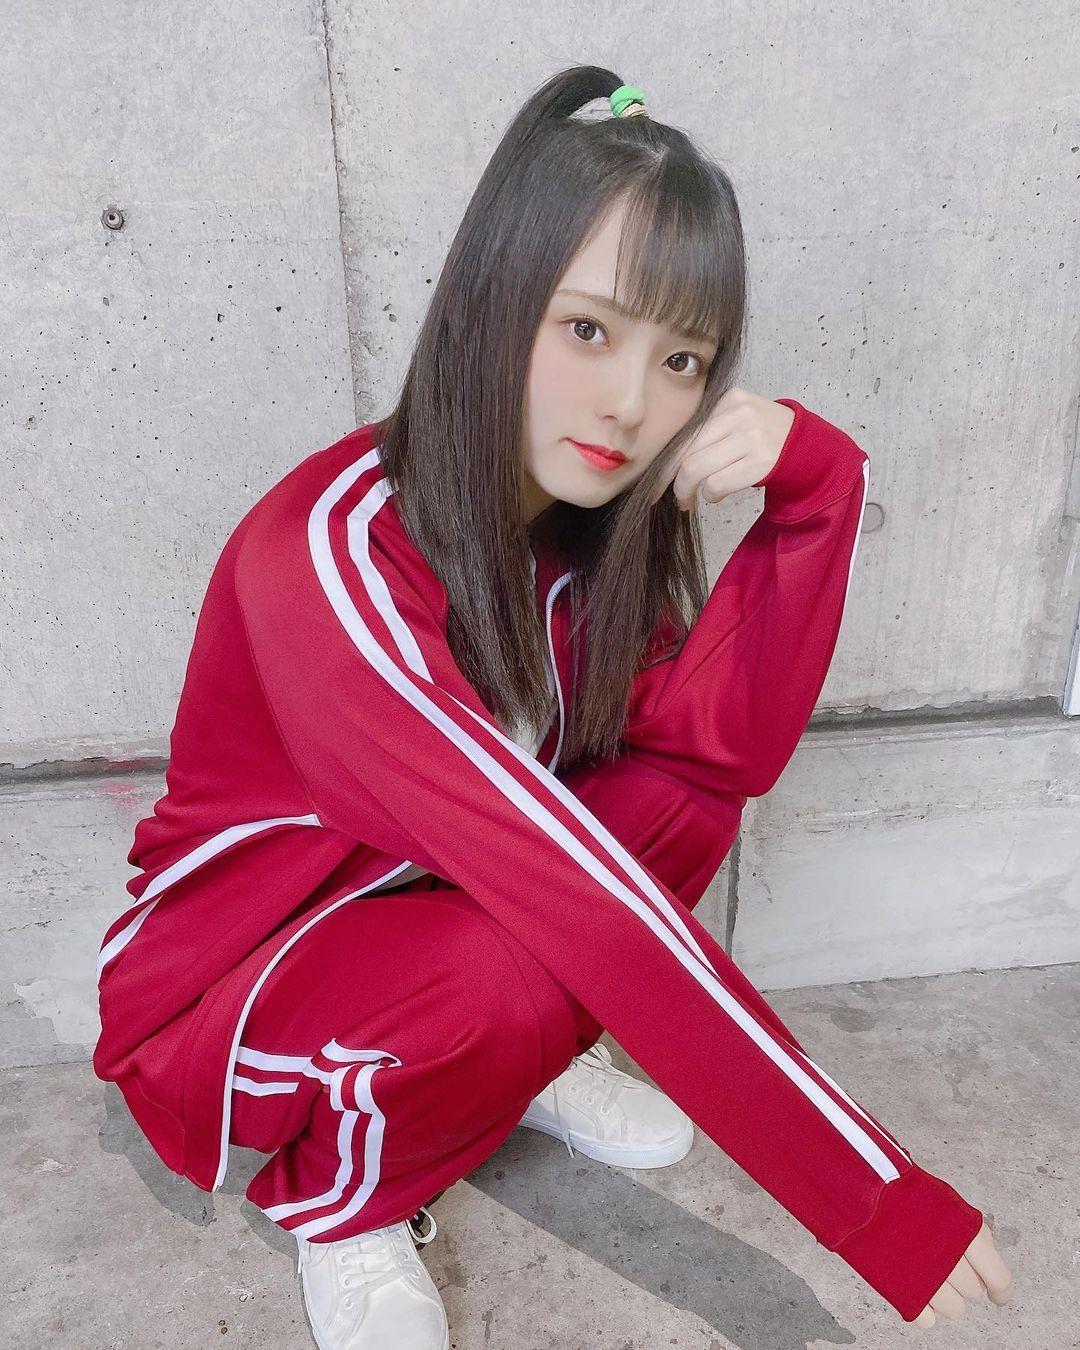 梦幻美少女「水野舞菜」绝美甜笑萌翻粉丝果然可爱即是正义啊!-新图包